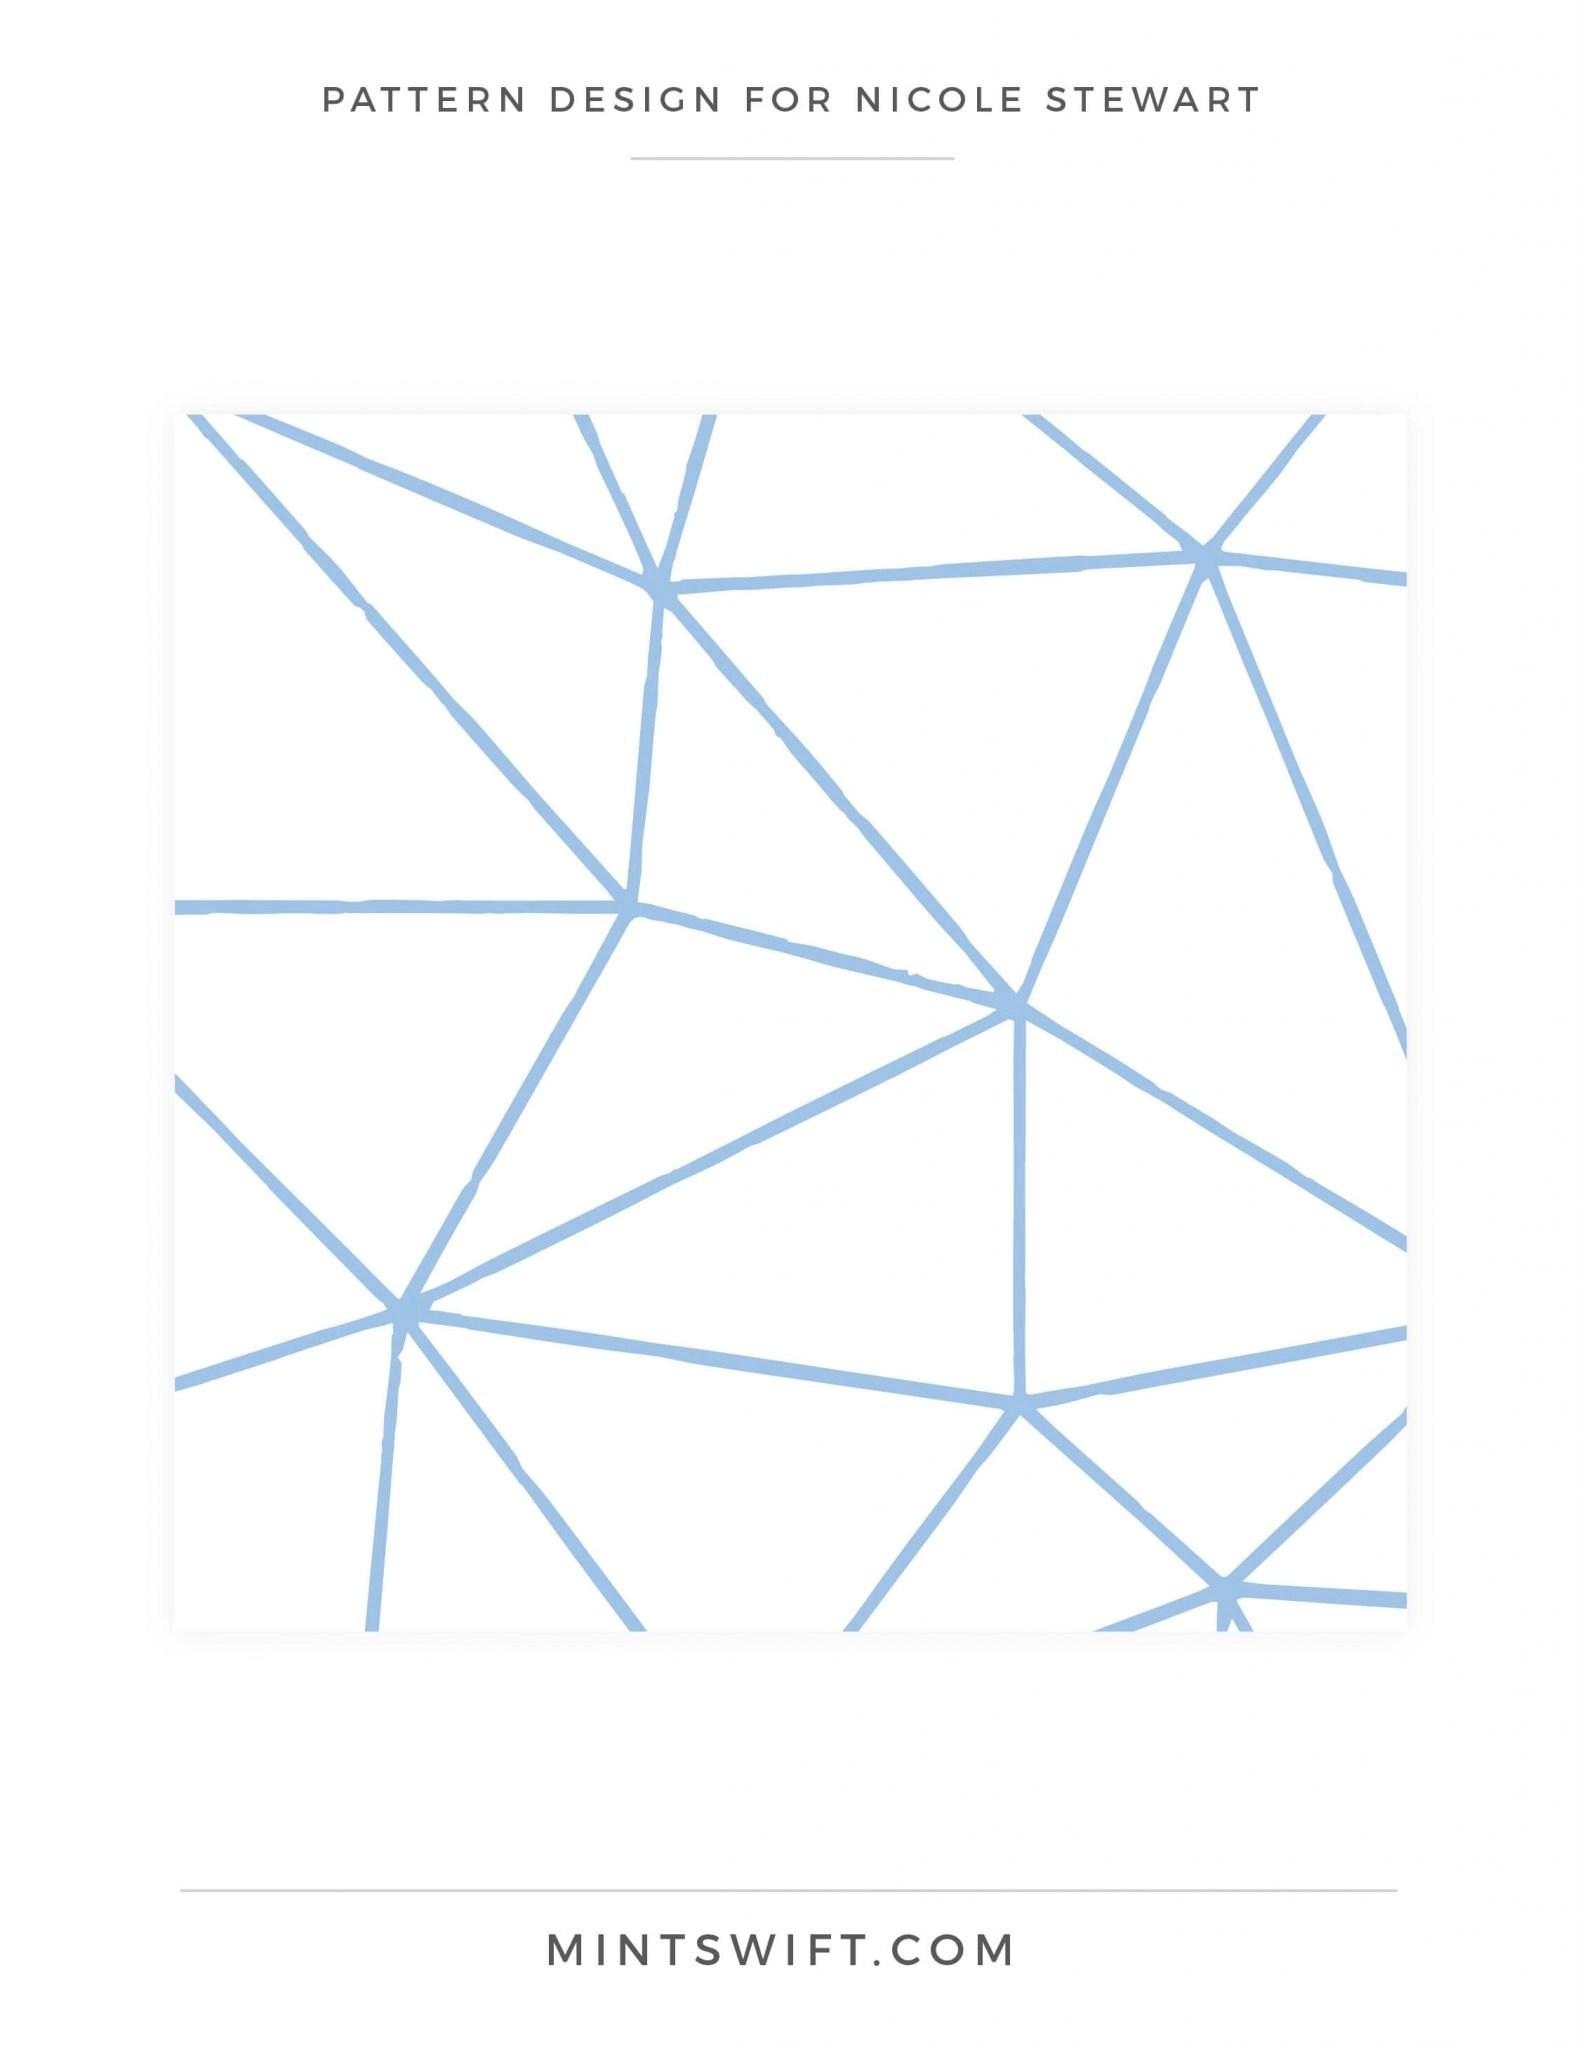 Nicole Stewart - Pattern Design - Brand Design Package - MintSwift